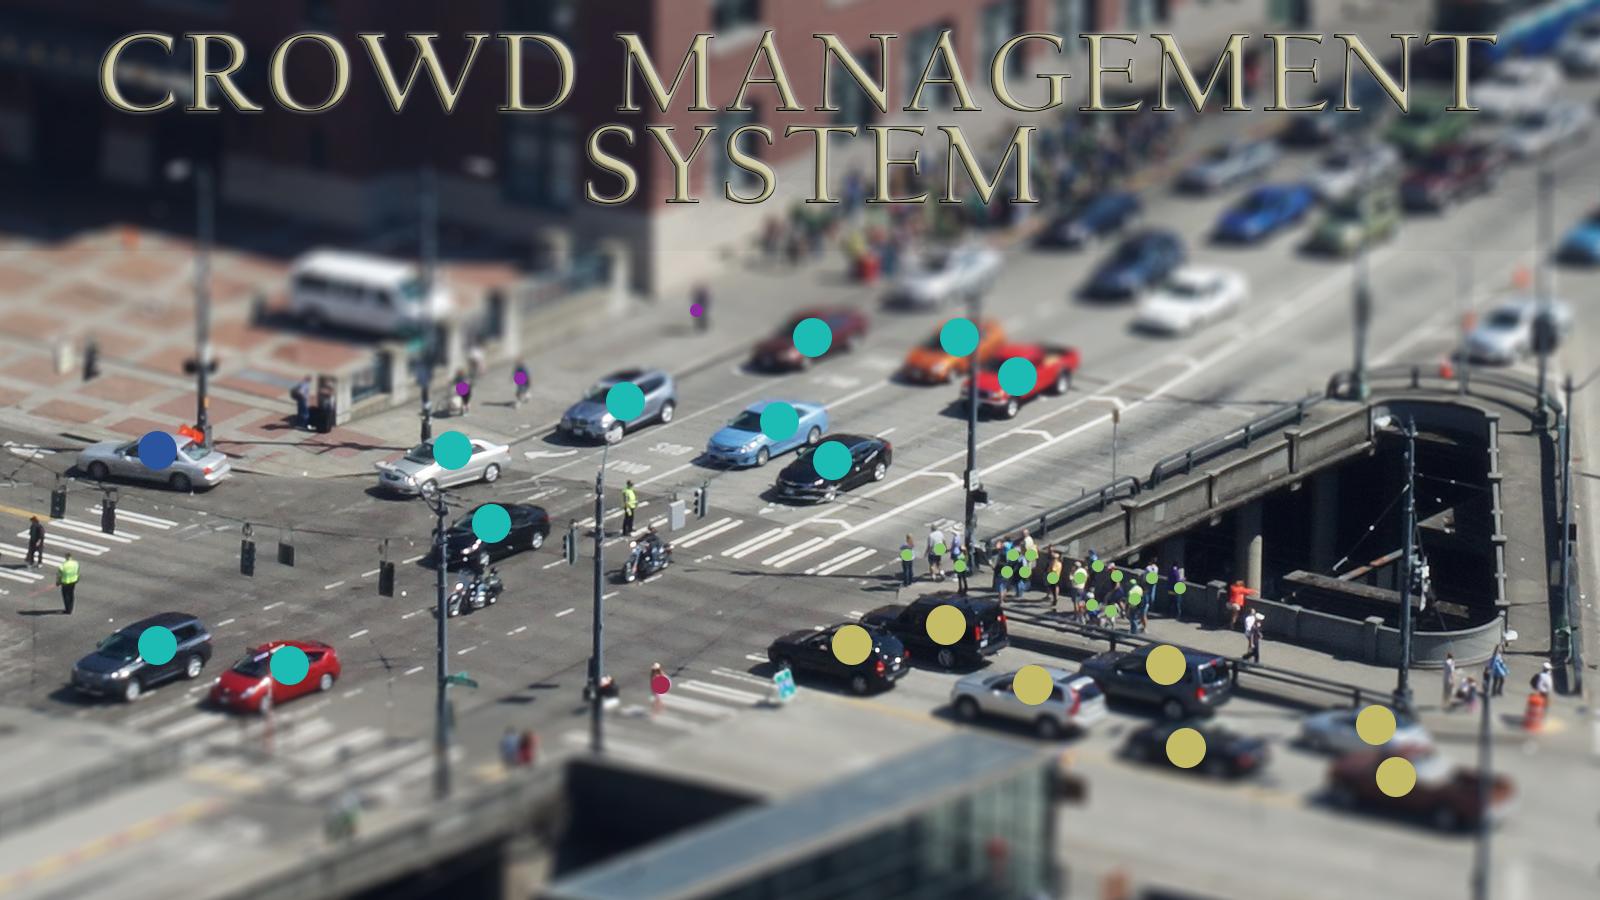 InnovateFPGA | EMEA | EM072 - Crowd Management to avoid